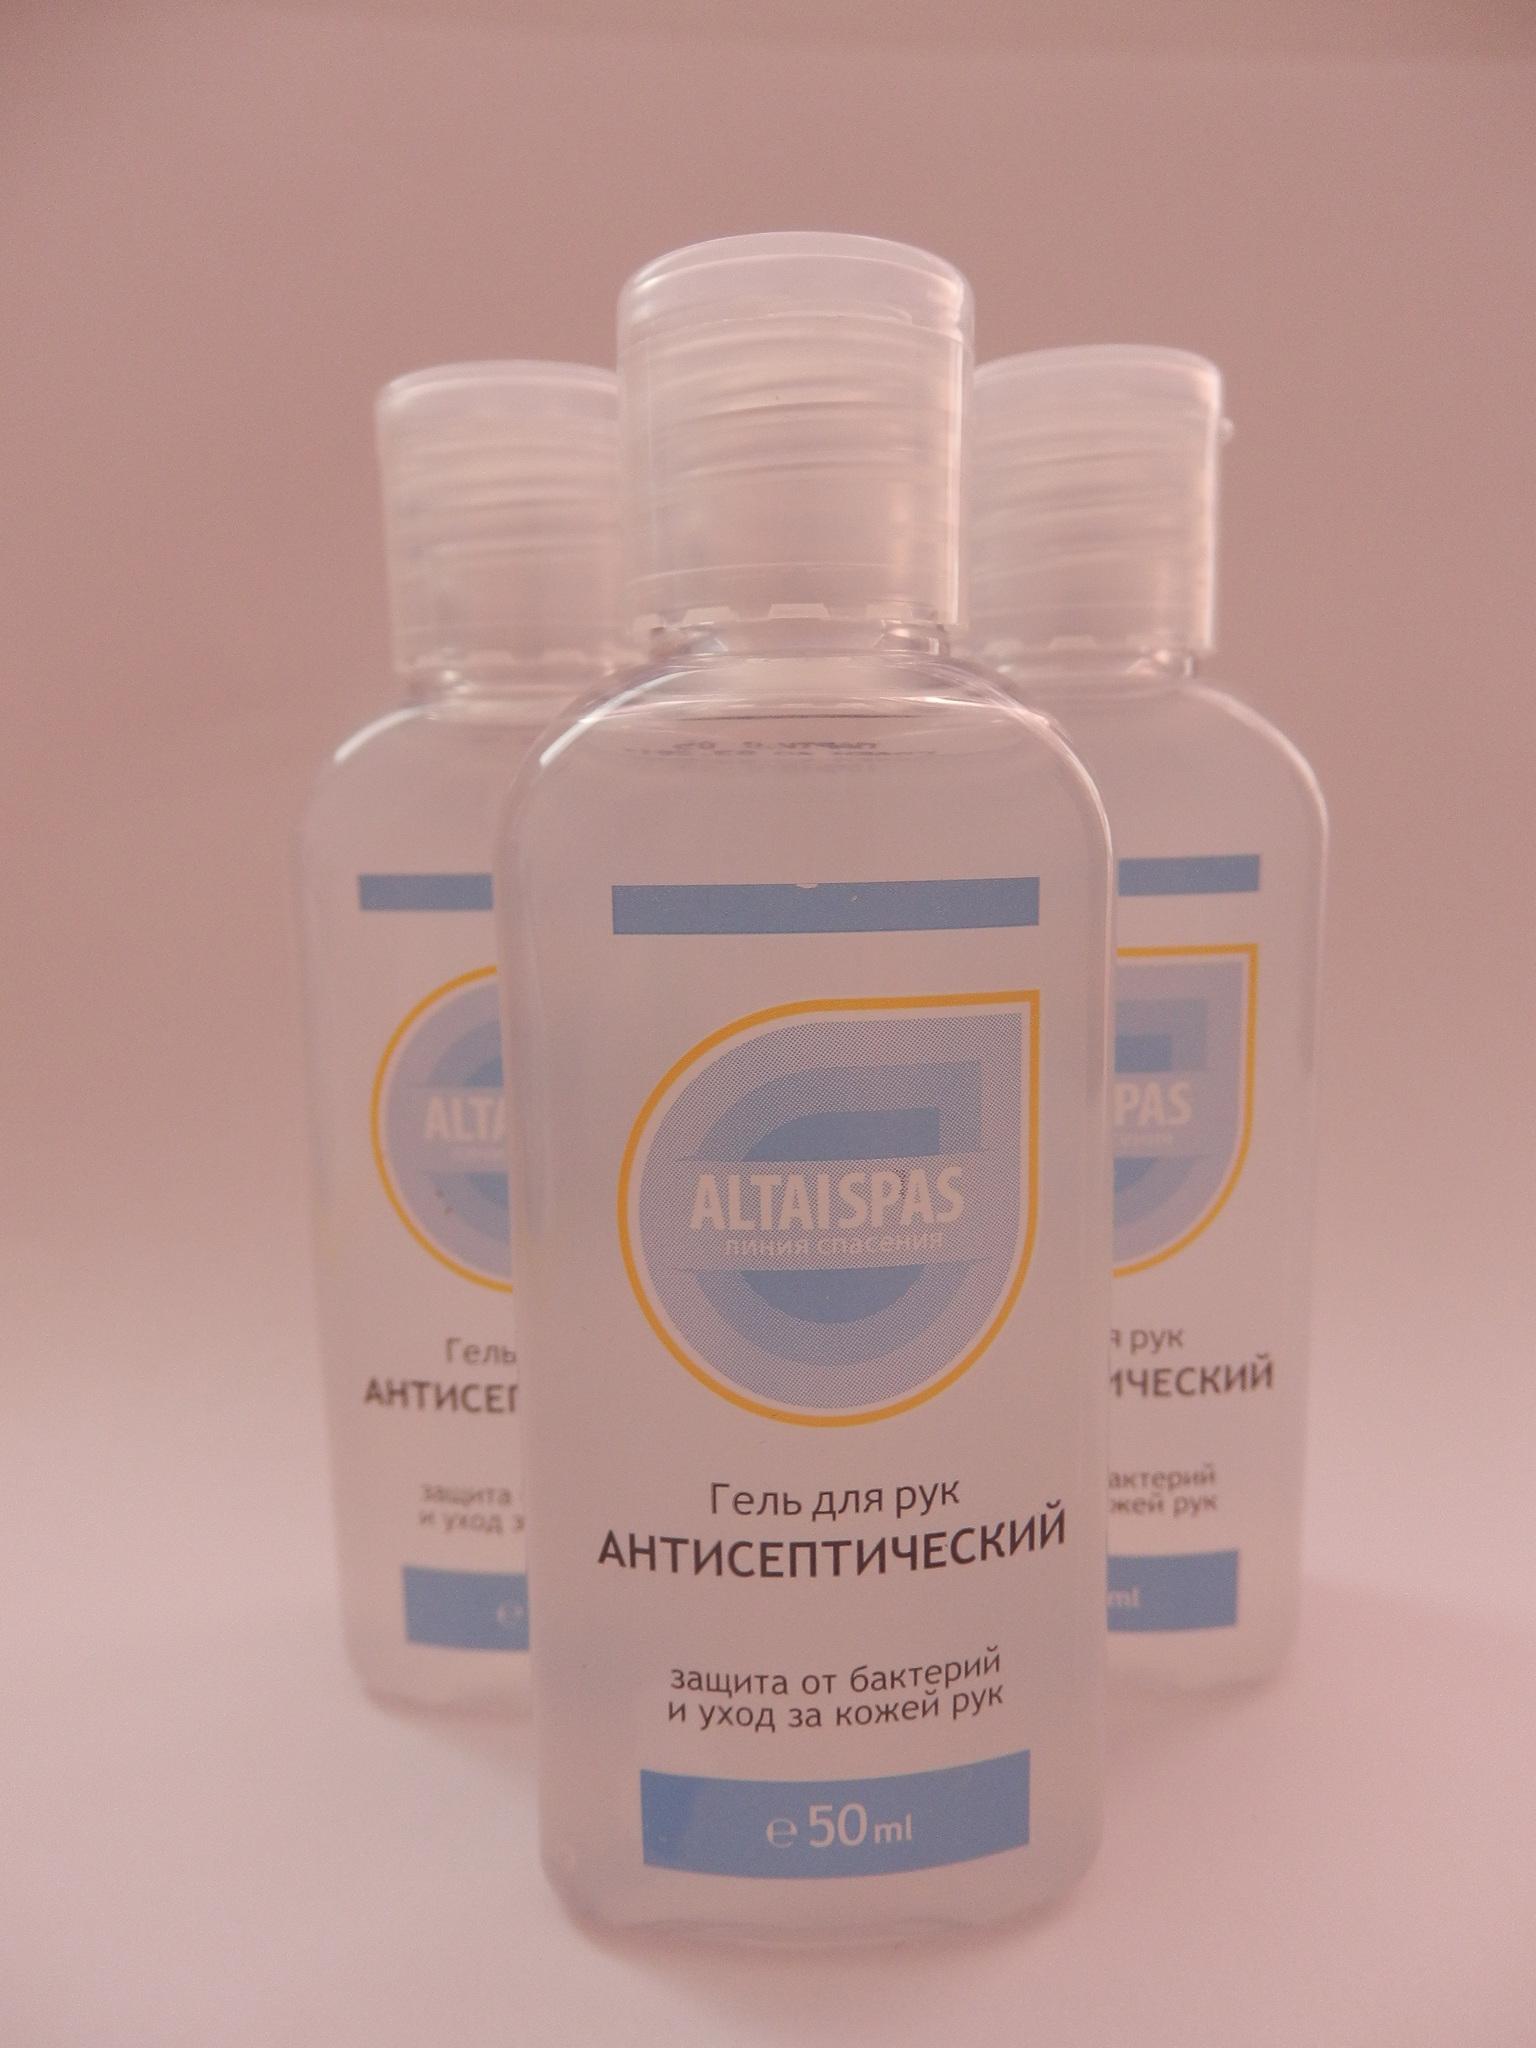 гель для рук антисептический ALTAISPAS фото1